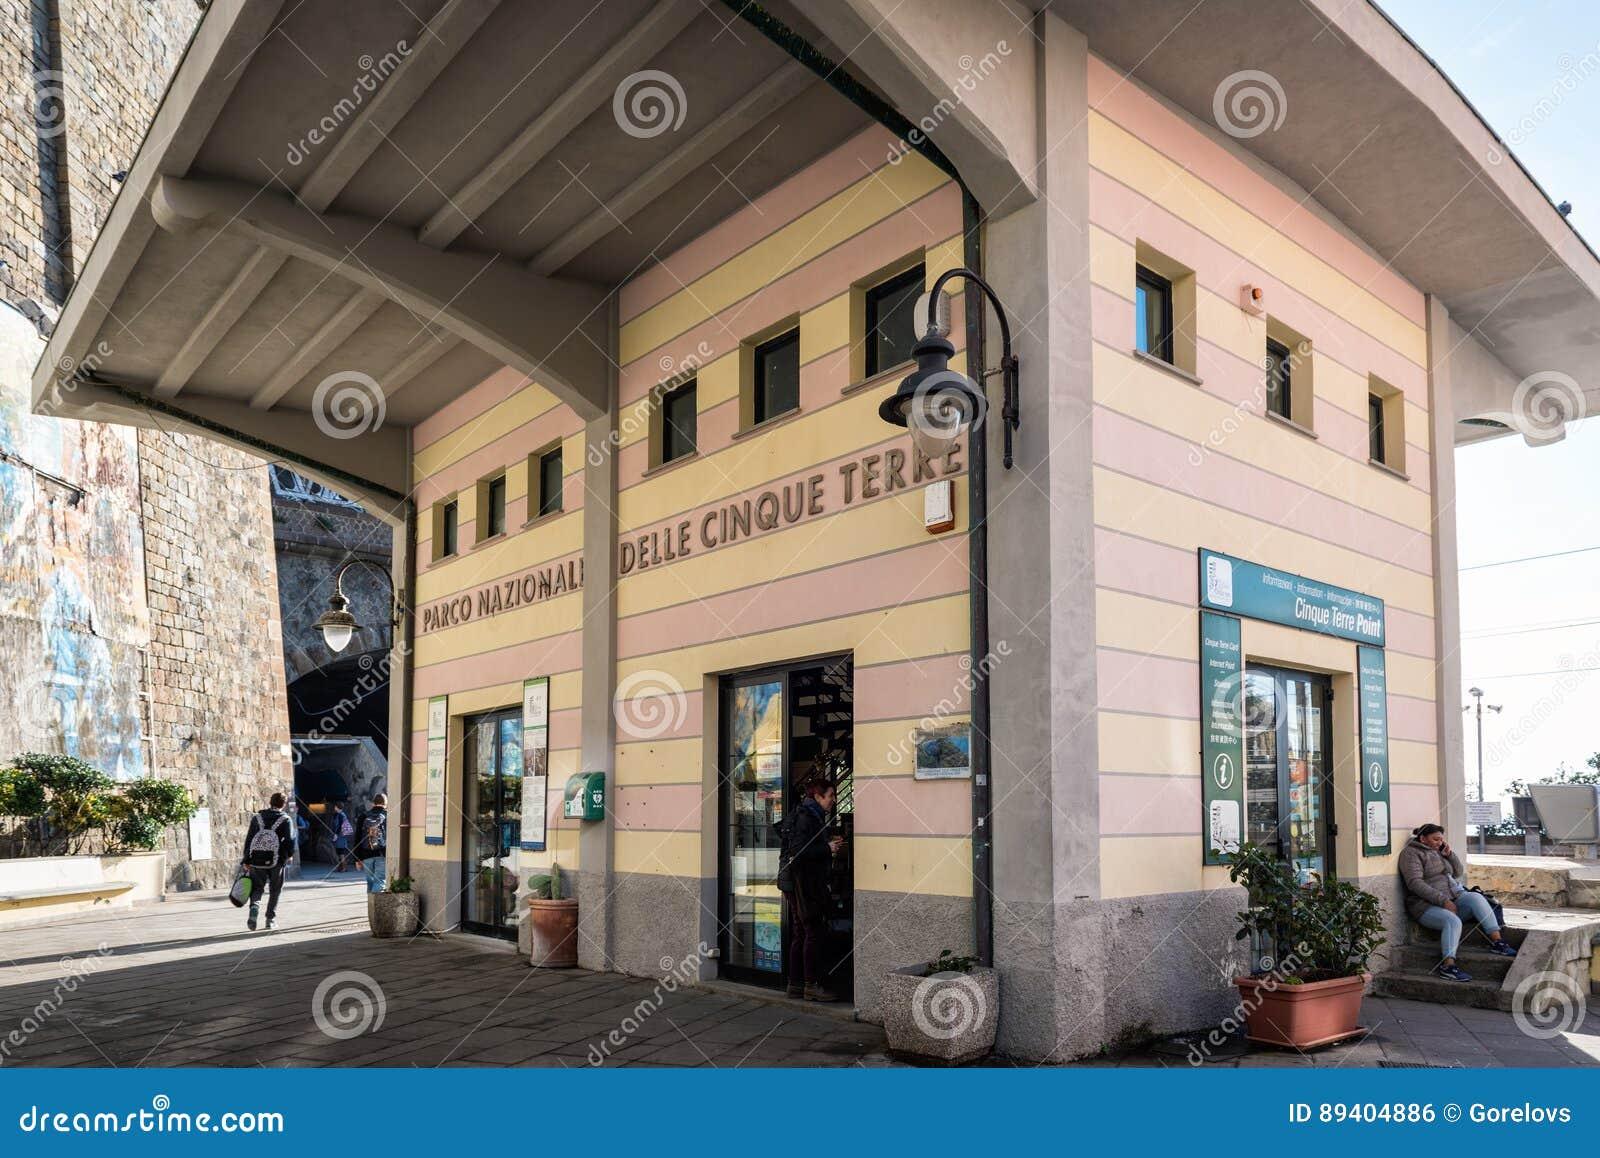 Centro de informação do parque de Cinque Terre National no estação de caminhos-de-ferro da cidade de Riomaggiore, Itália